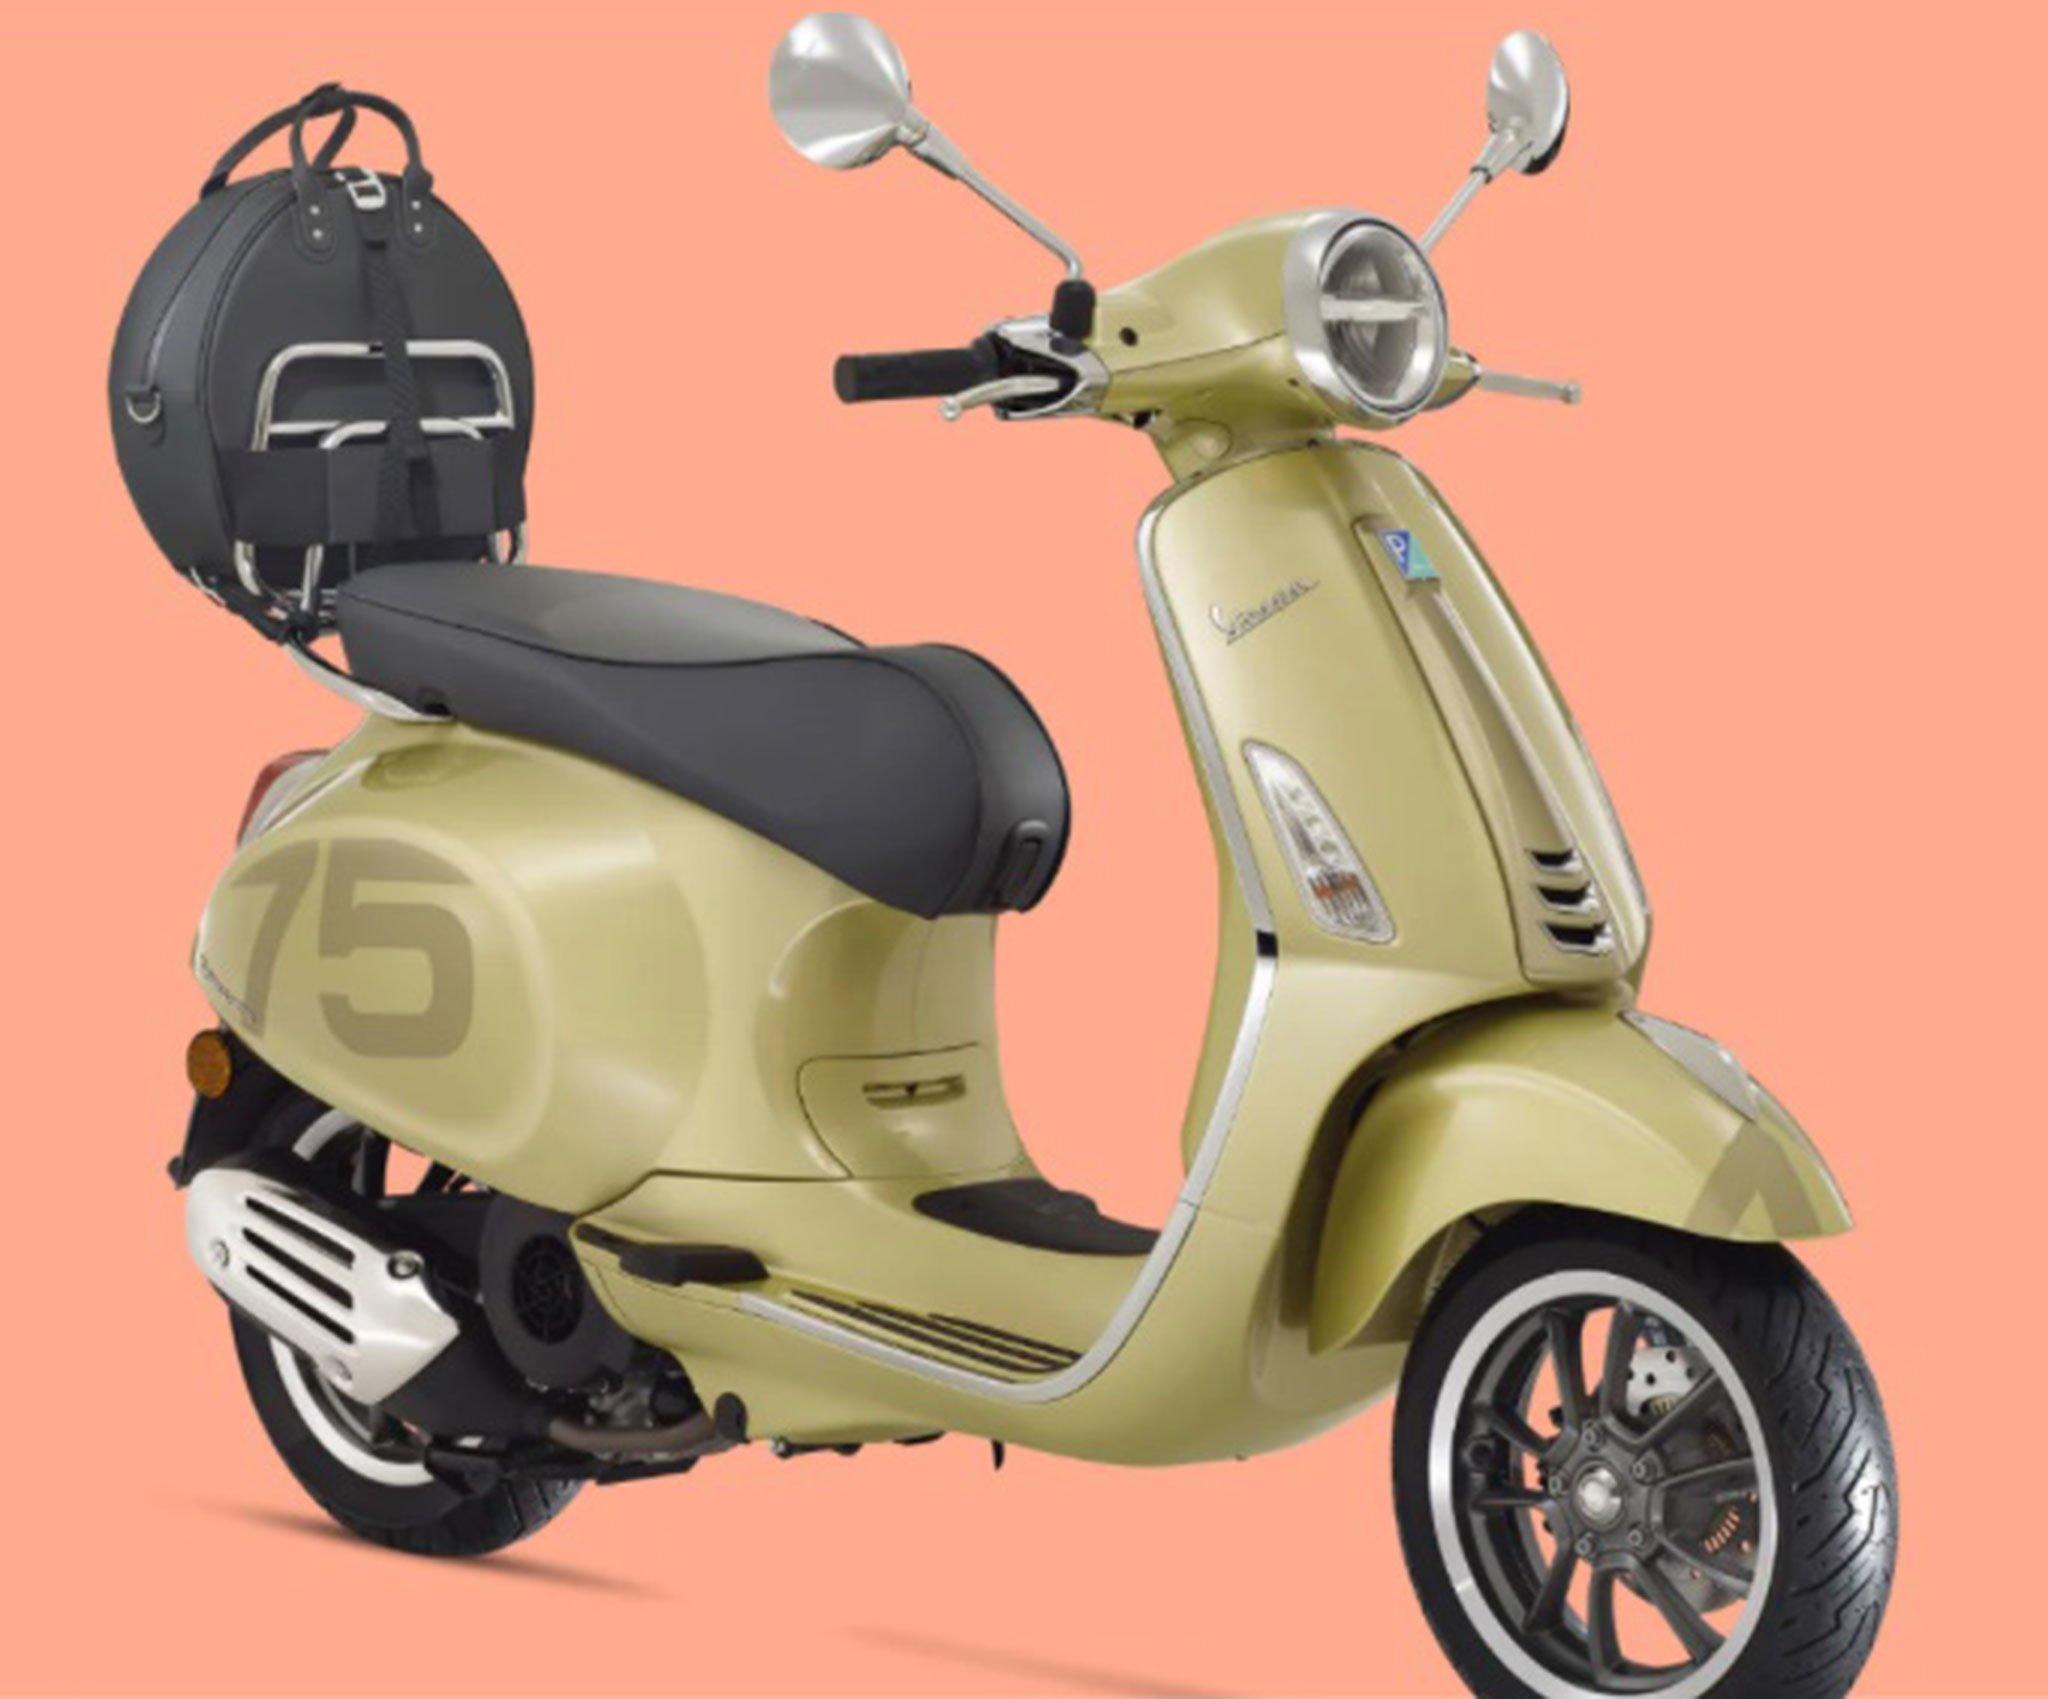 Comprar Vespa en Dénia – Paco's Motor